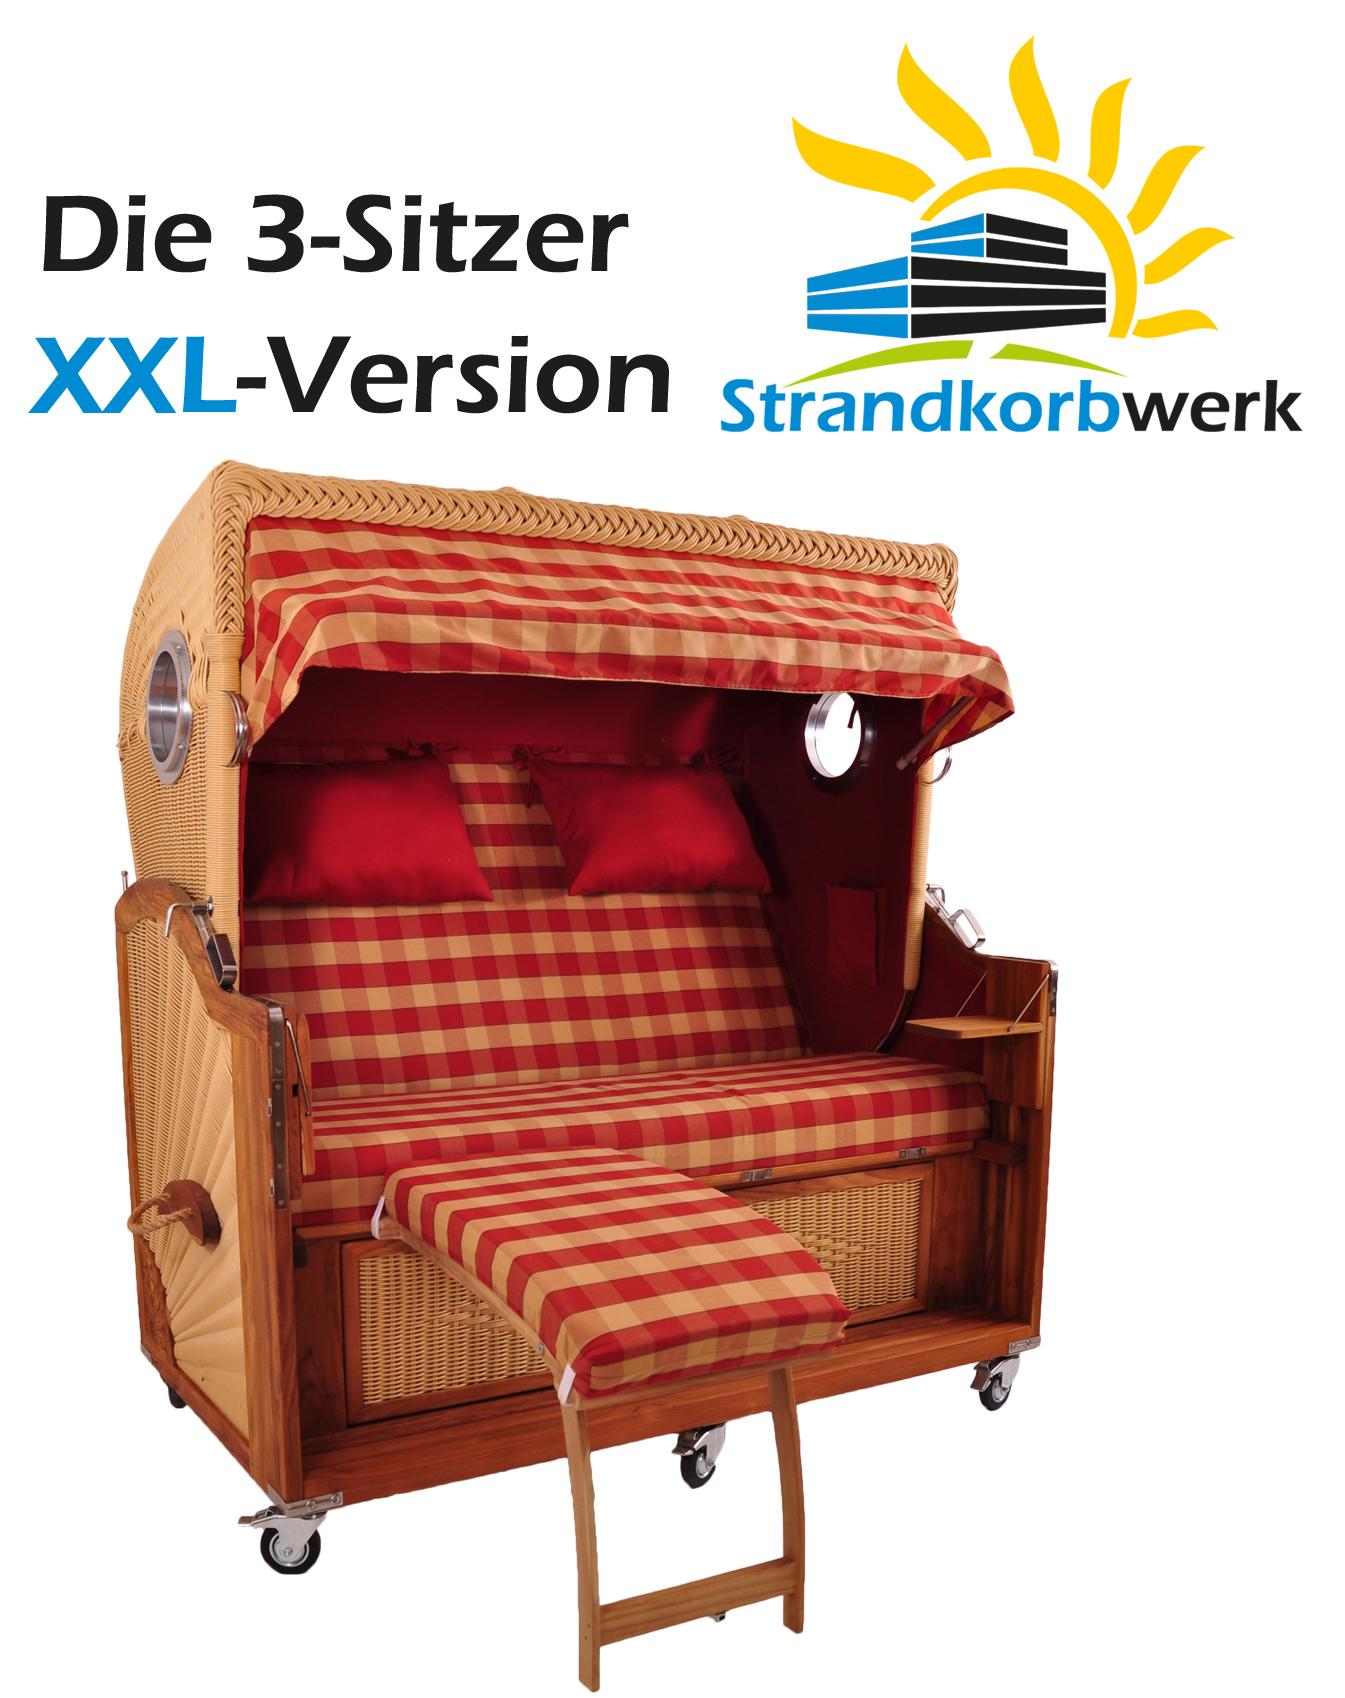 strandkorb teak pe dralon kampen spezial dreisitzer xxl volllieger gartenliege ebay. Black Bedroom Furniture Sets. Home Design Ideas